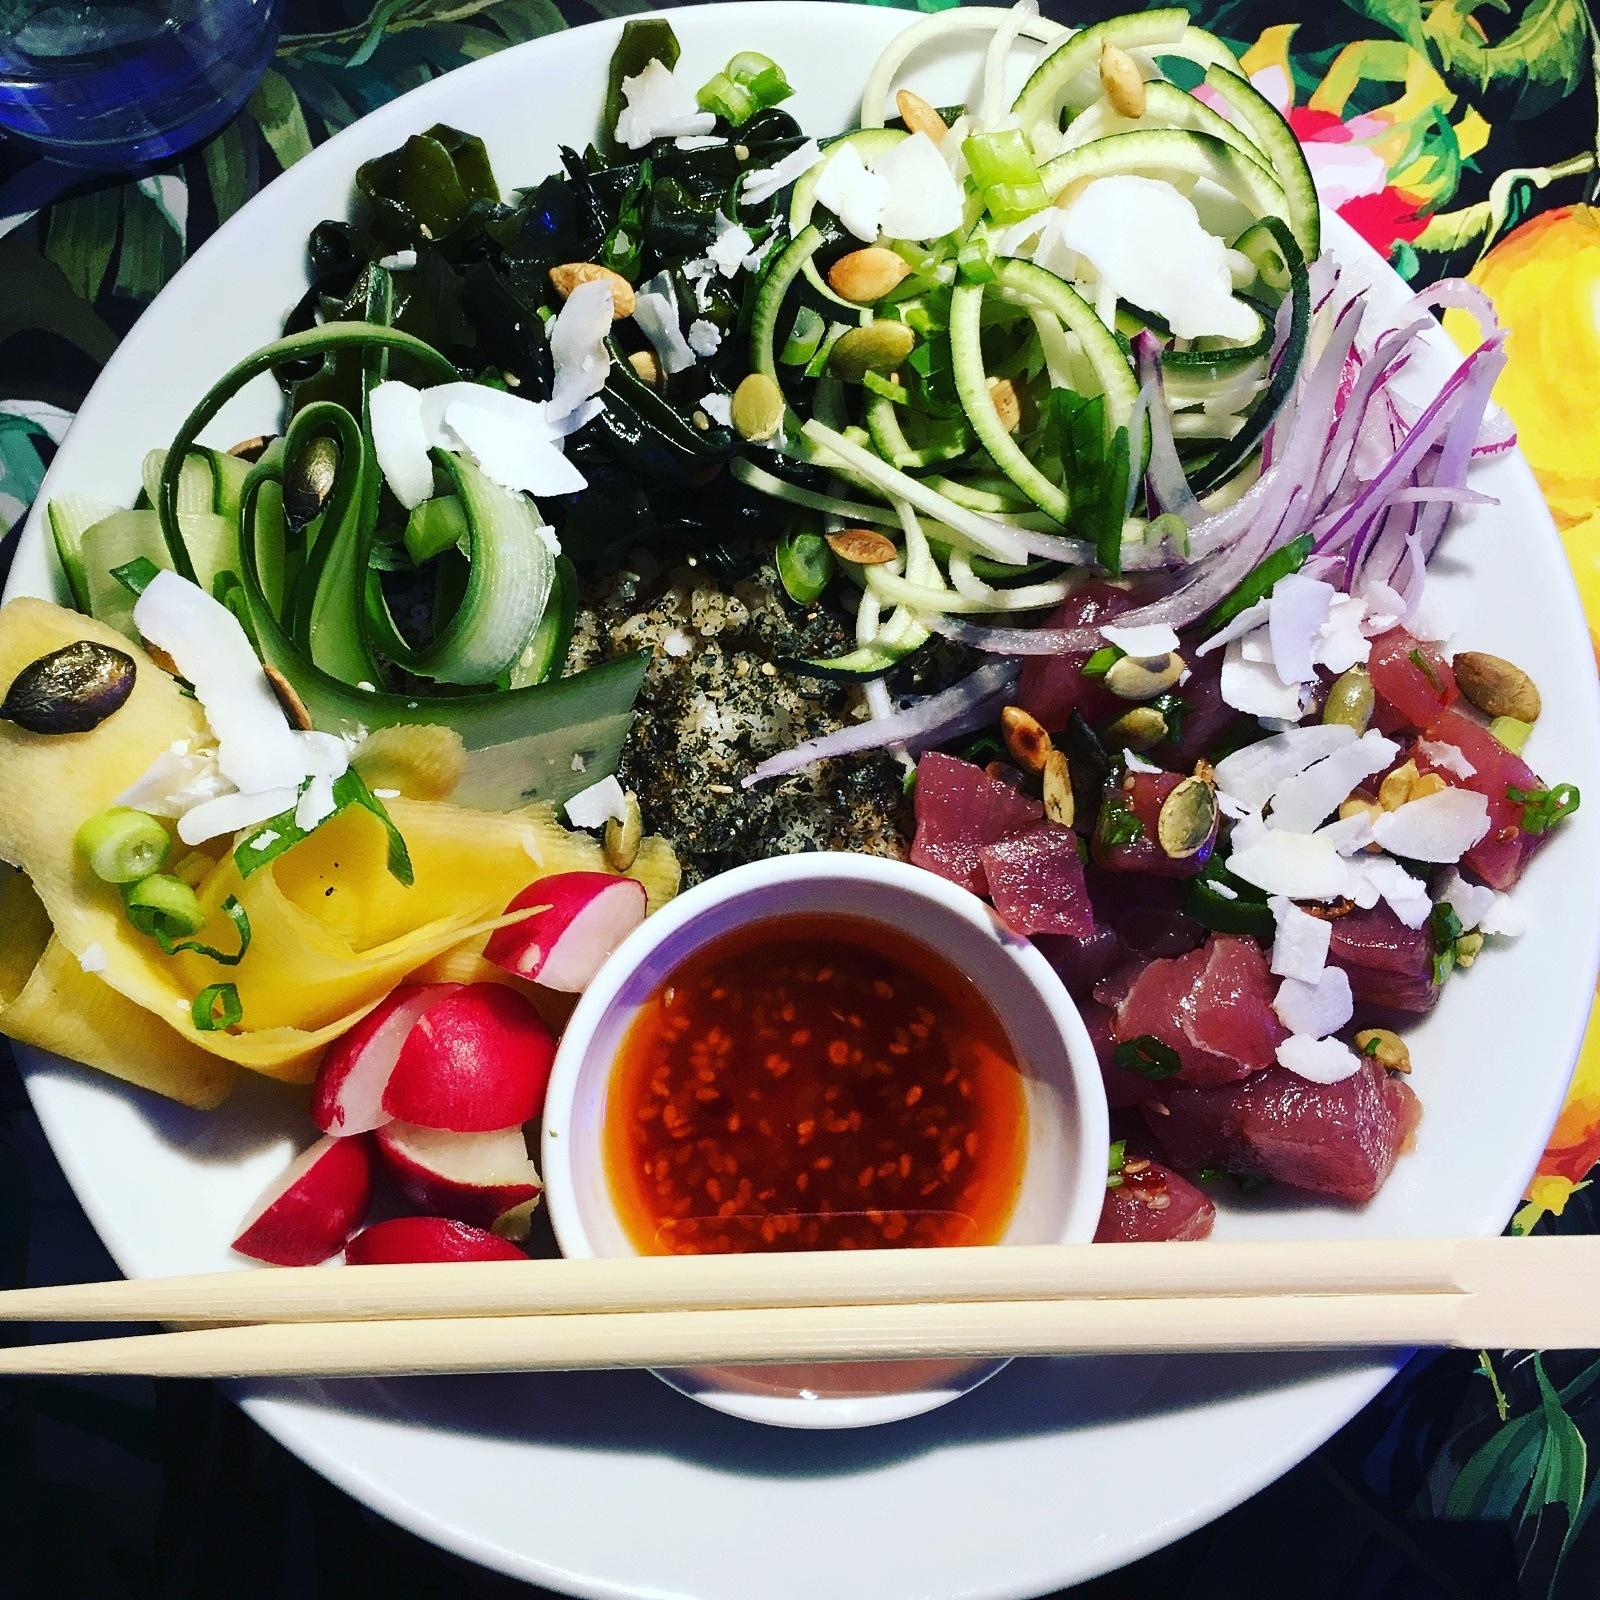 Kuchnia Hawajska Przepis Na Hawajski Poke Bowl Bylem Tu Tony Halik